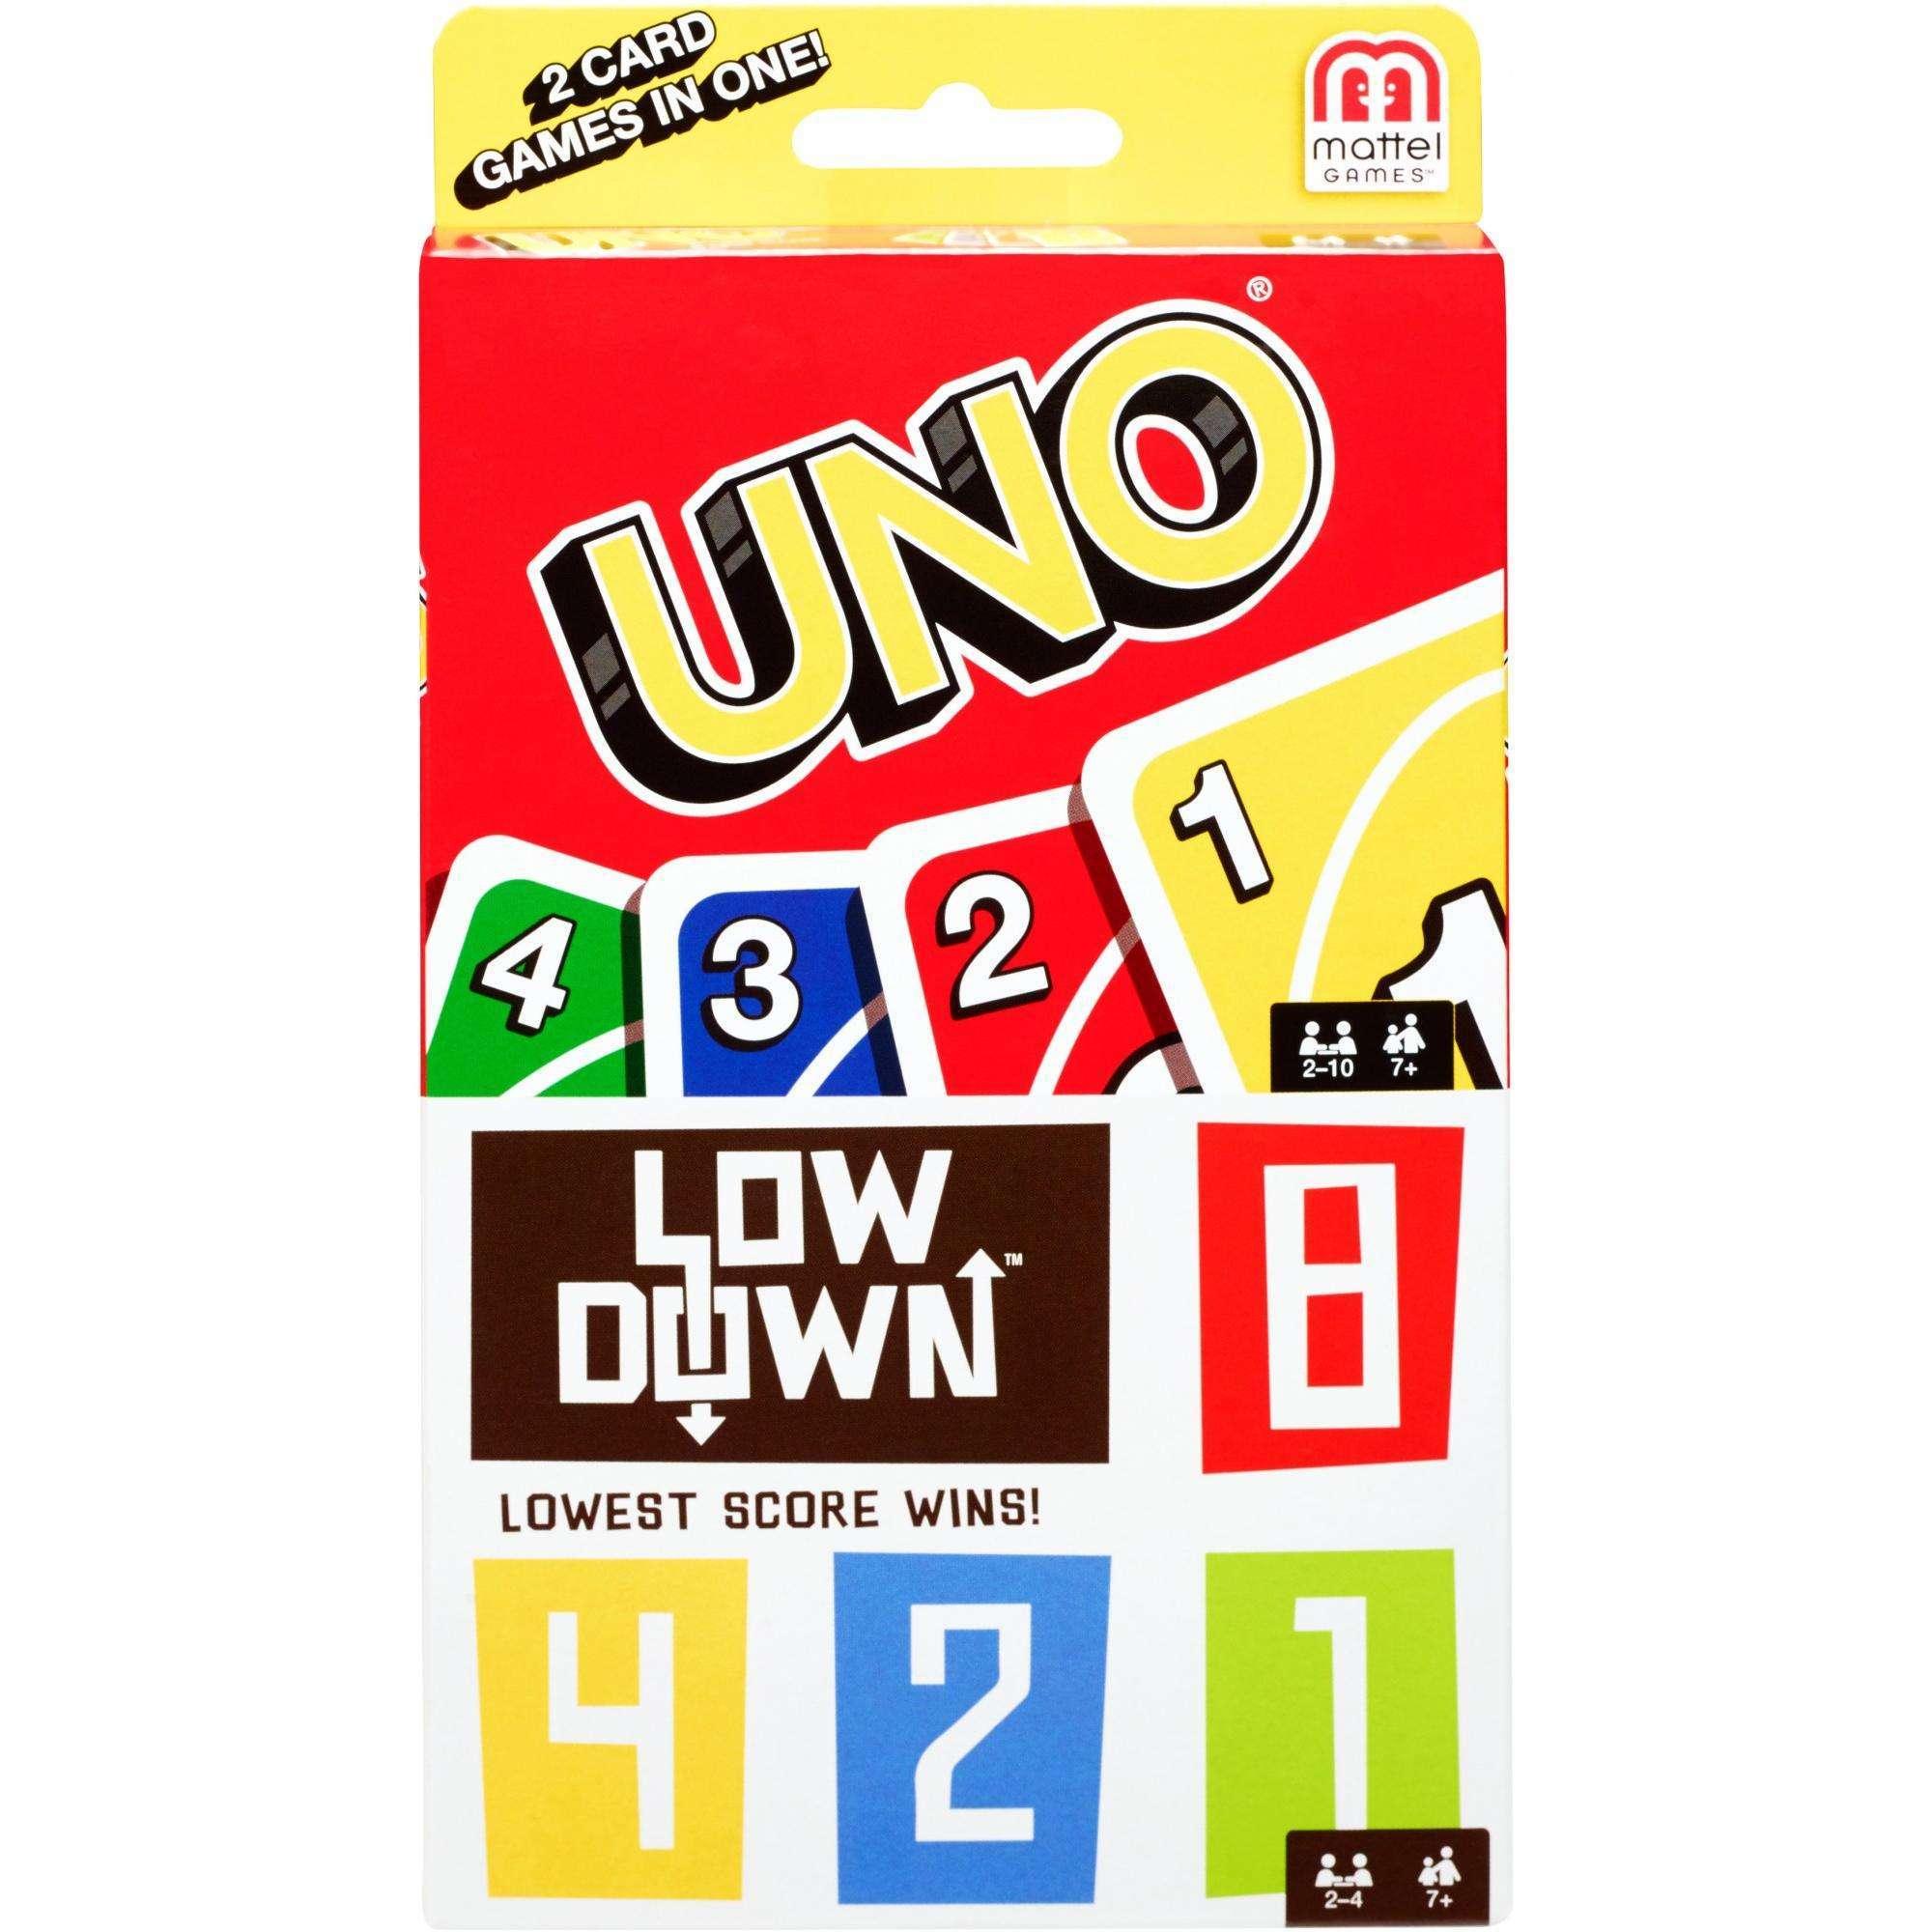 UNO Lowdown